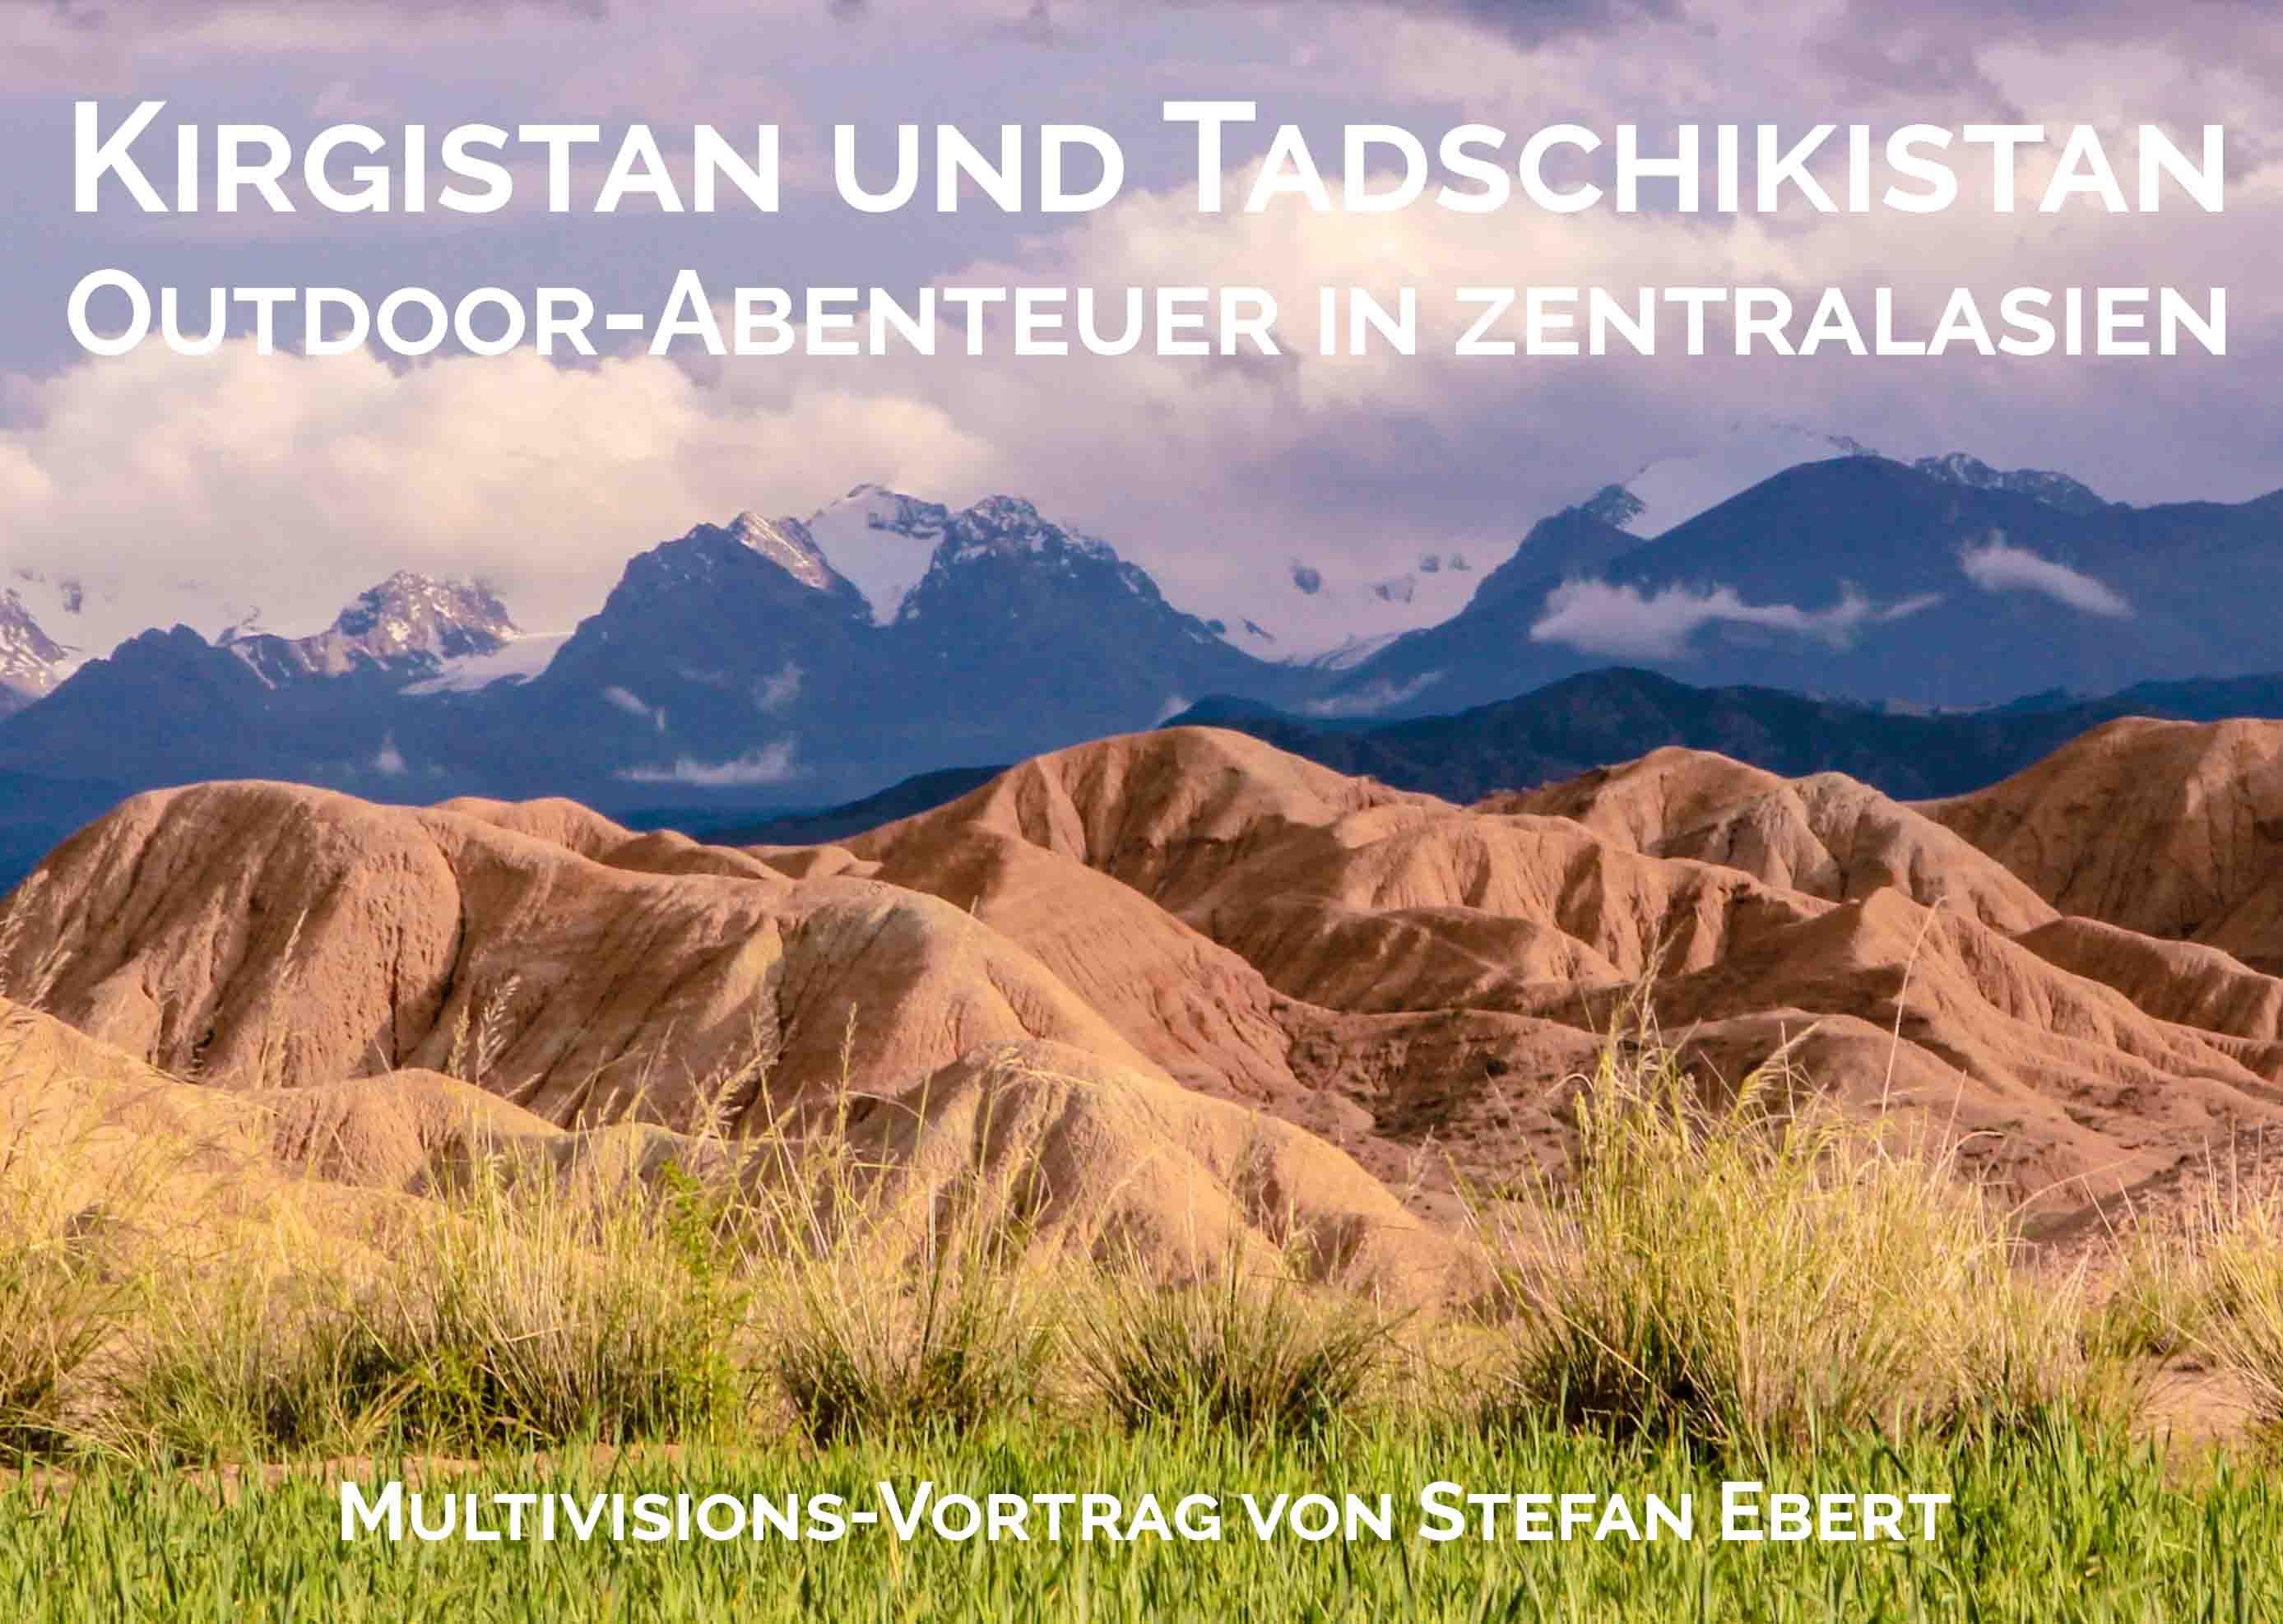 Kirgistan und Tadschikistan - Outdoor-Abenteuer in Zentralasien